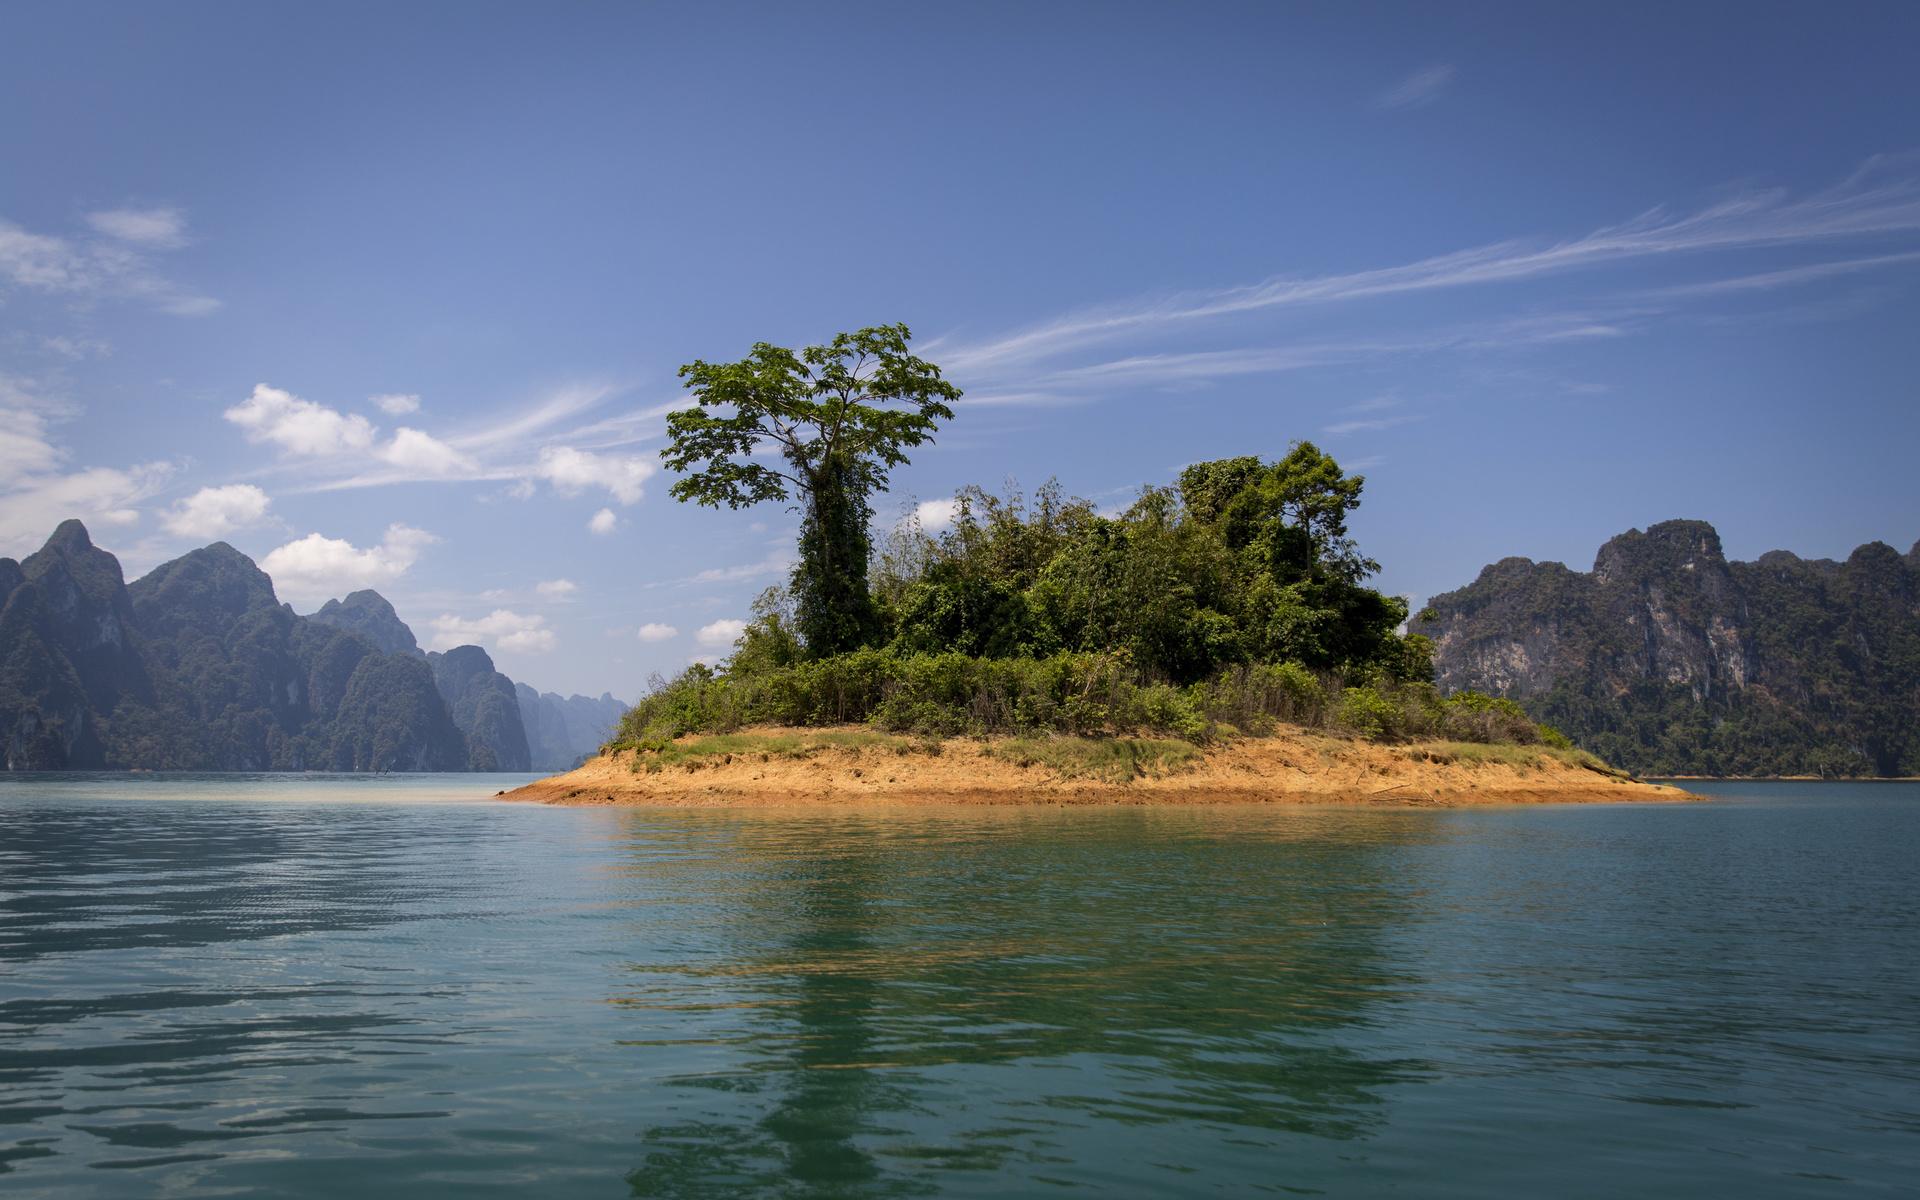 таиланд, озеро, остров, горы, cheow, lan, lake, khao sok, national park, деревья, природа